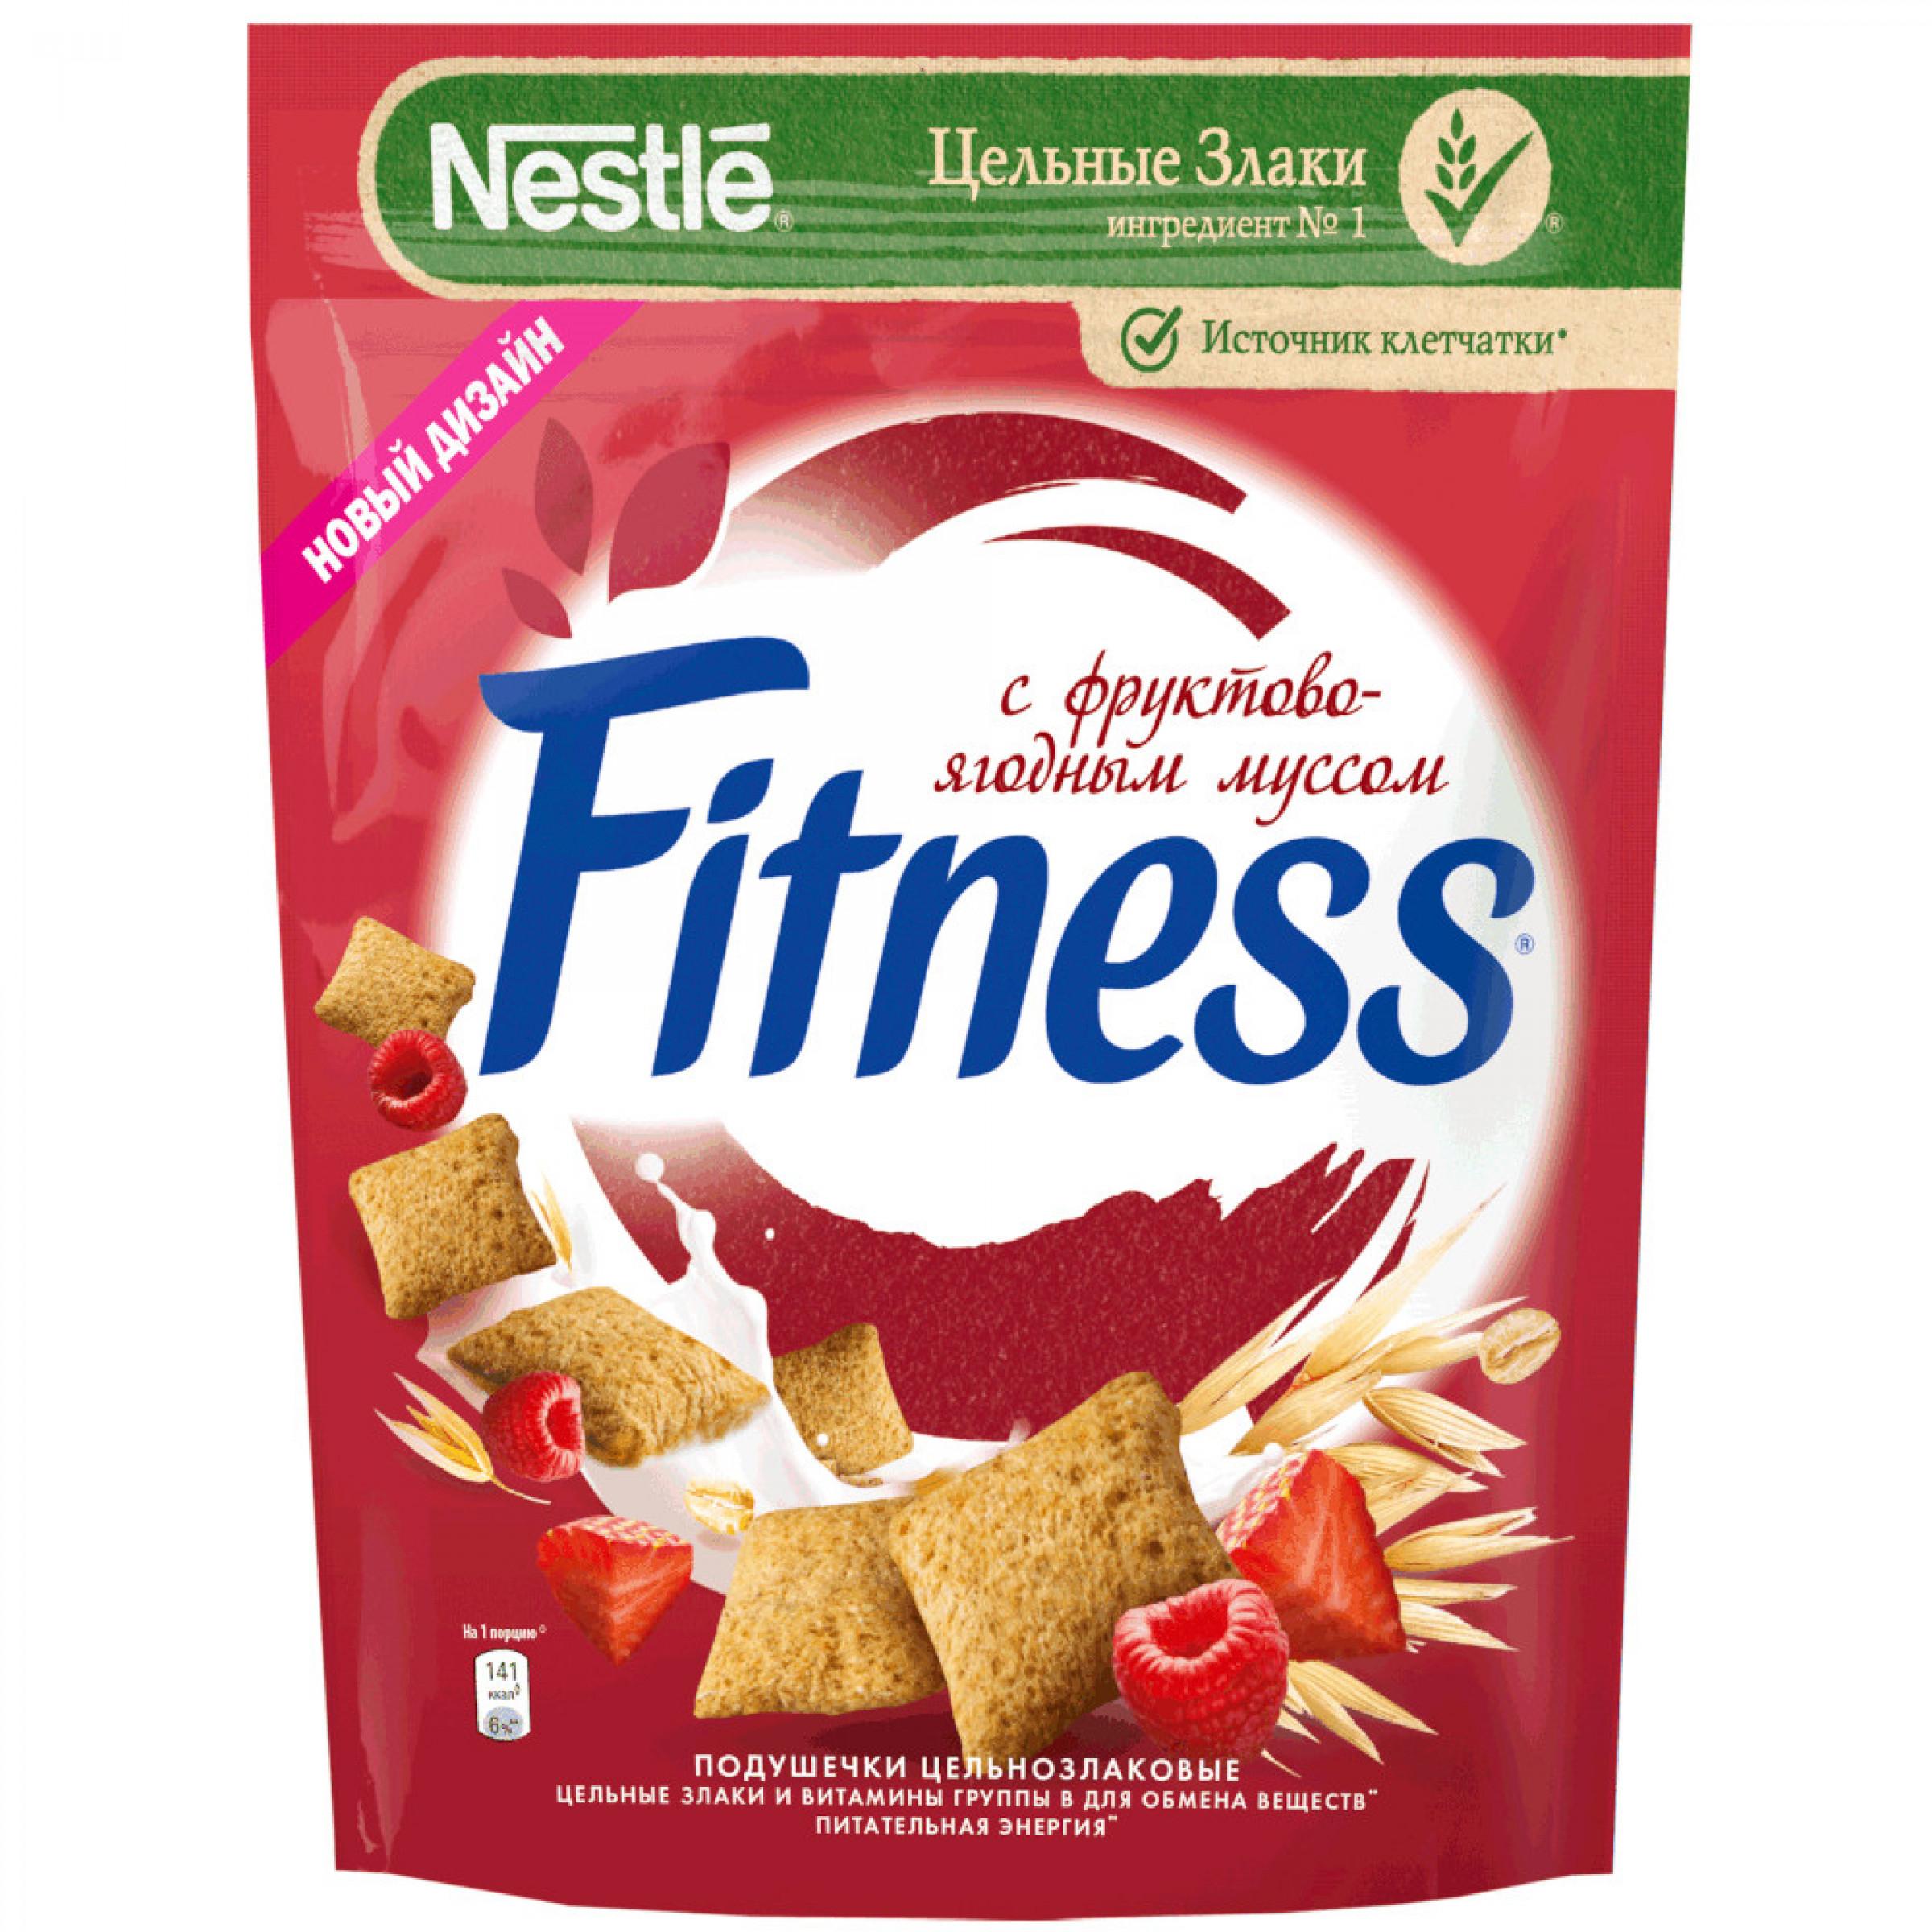 Готовый завтрак Fitness подушечки с фруктово-ягодным муссом, 180